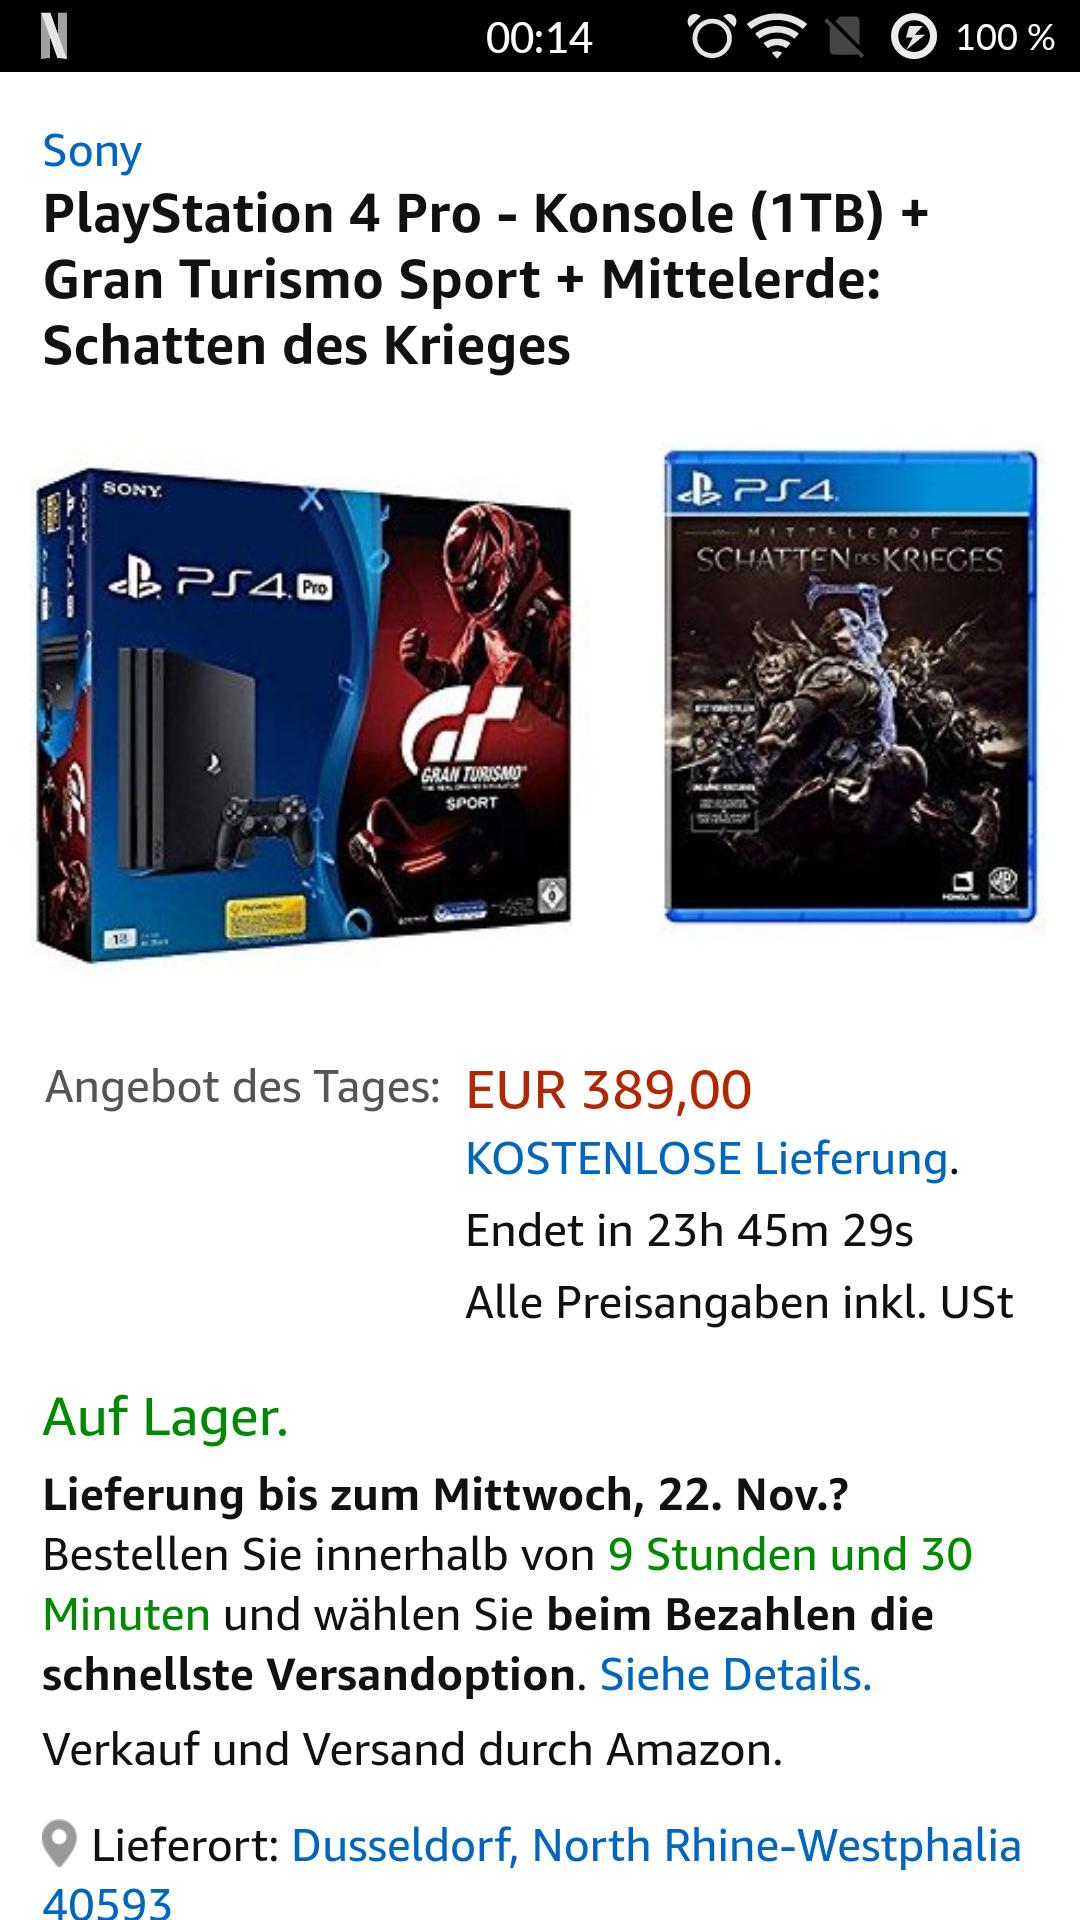 PlayStation 4 Pro - Konsole (1TB) + Gran Turismo Sport + Mittelerde: Schatten des Krieges